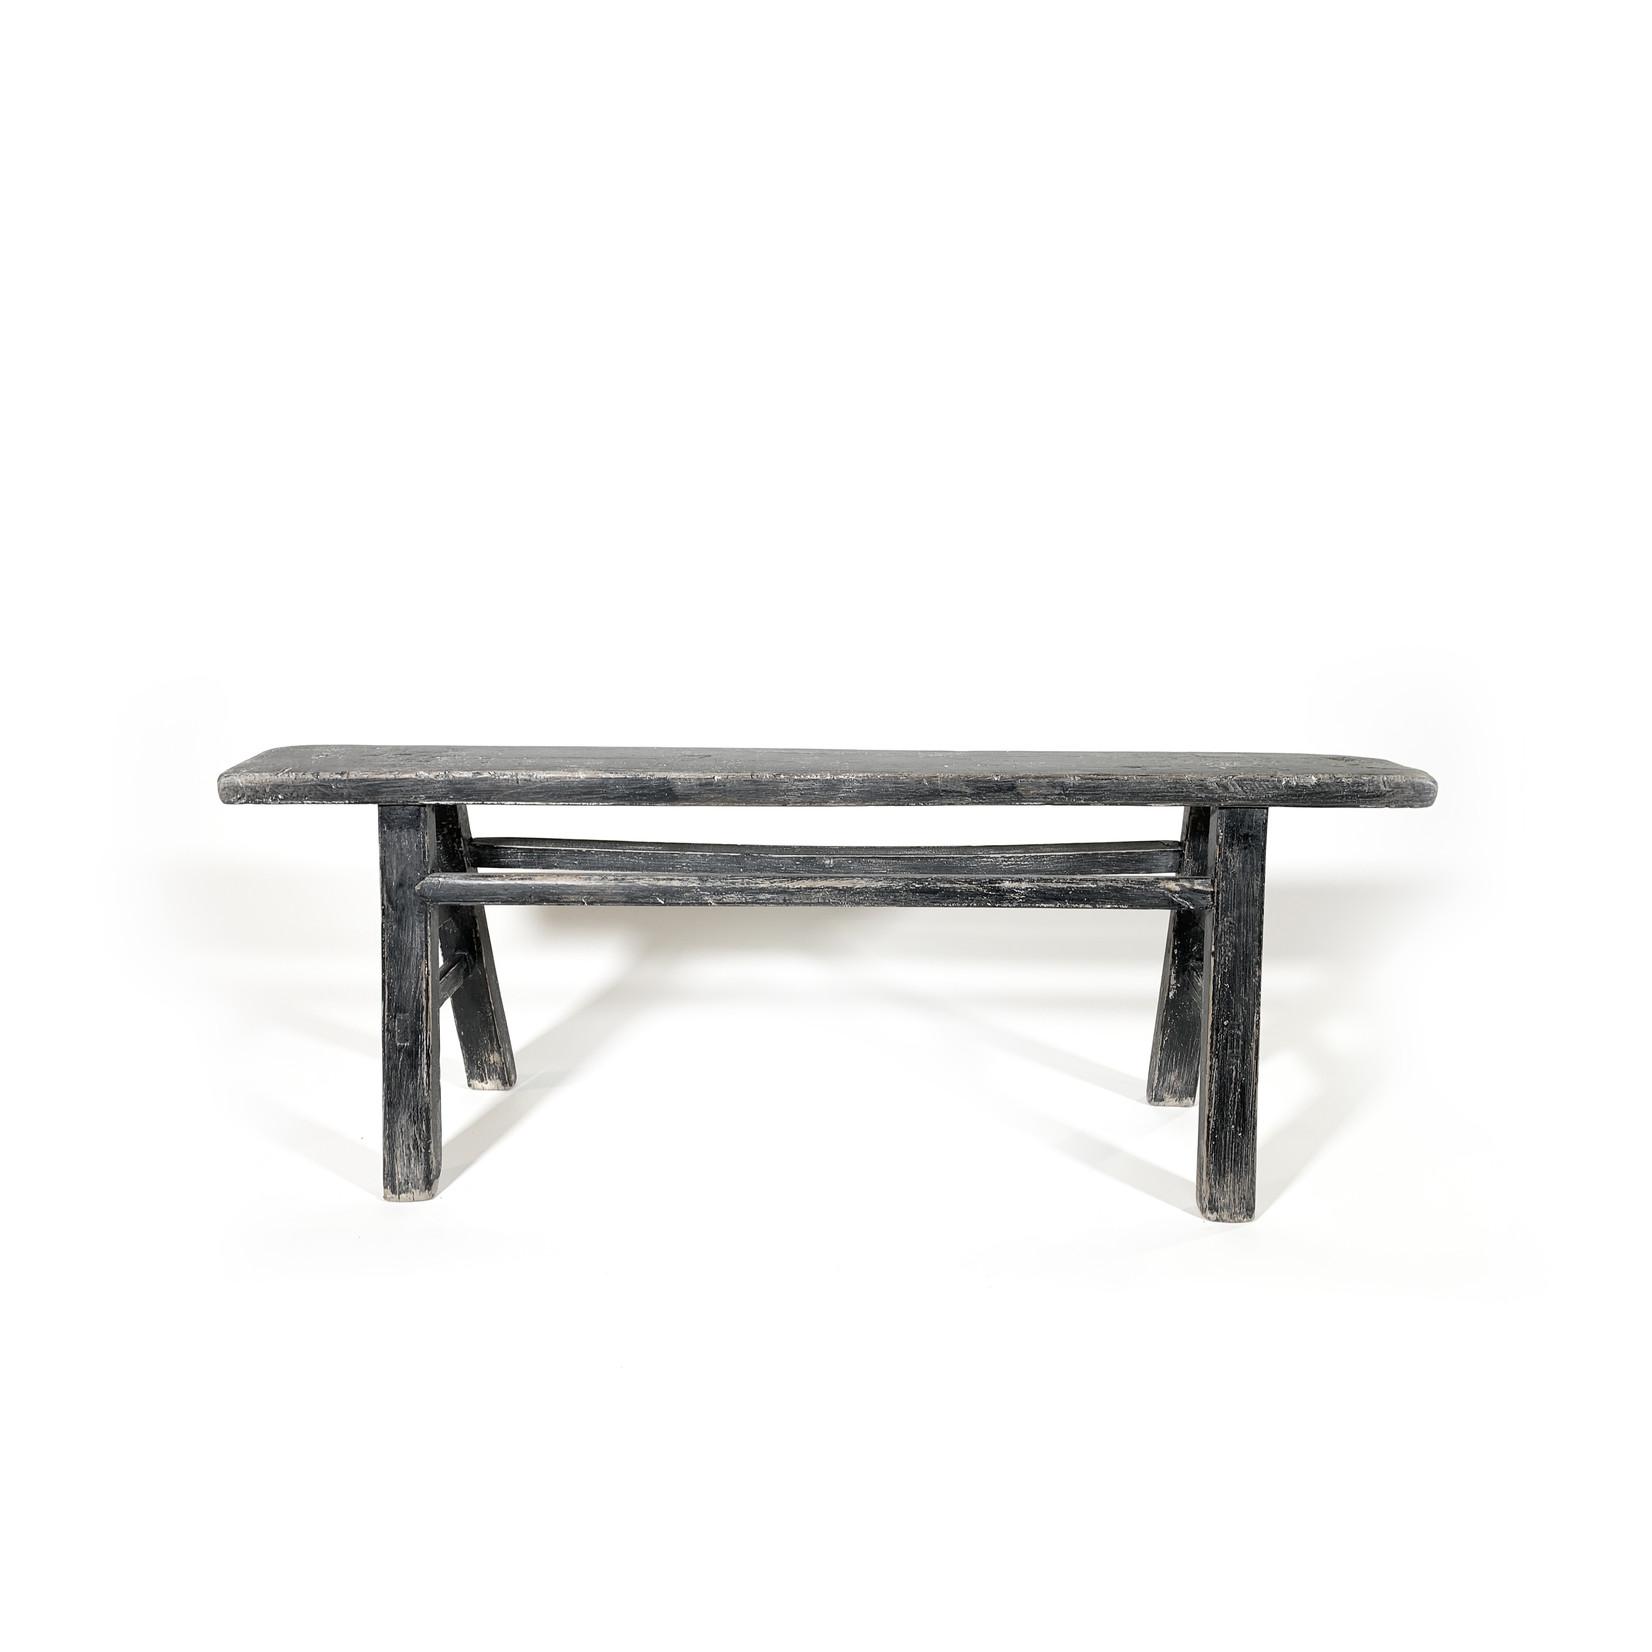 Antique Chinese wooden bench - zwart